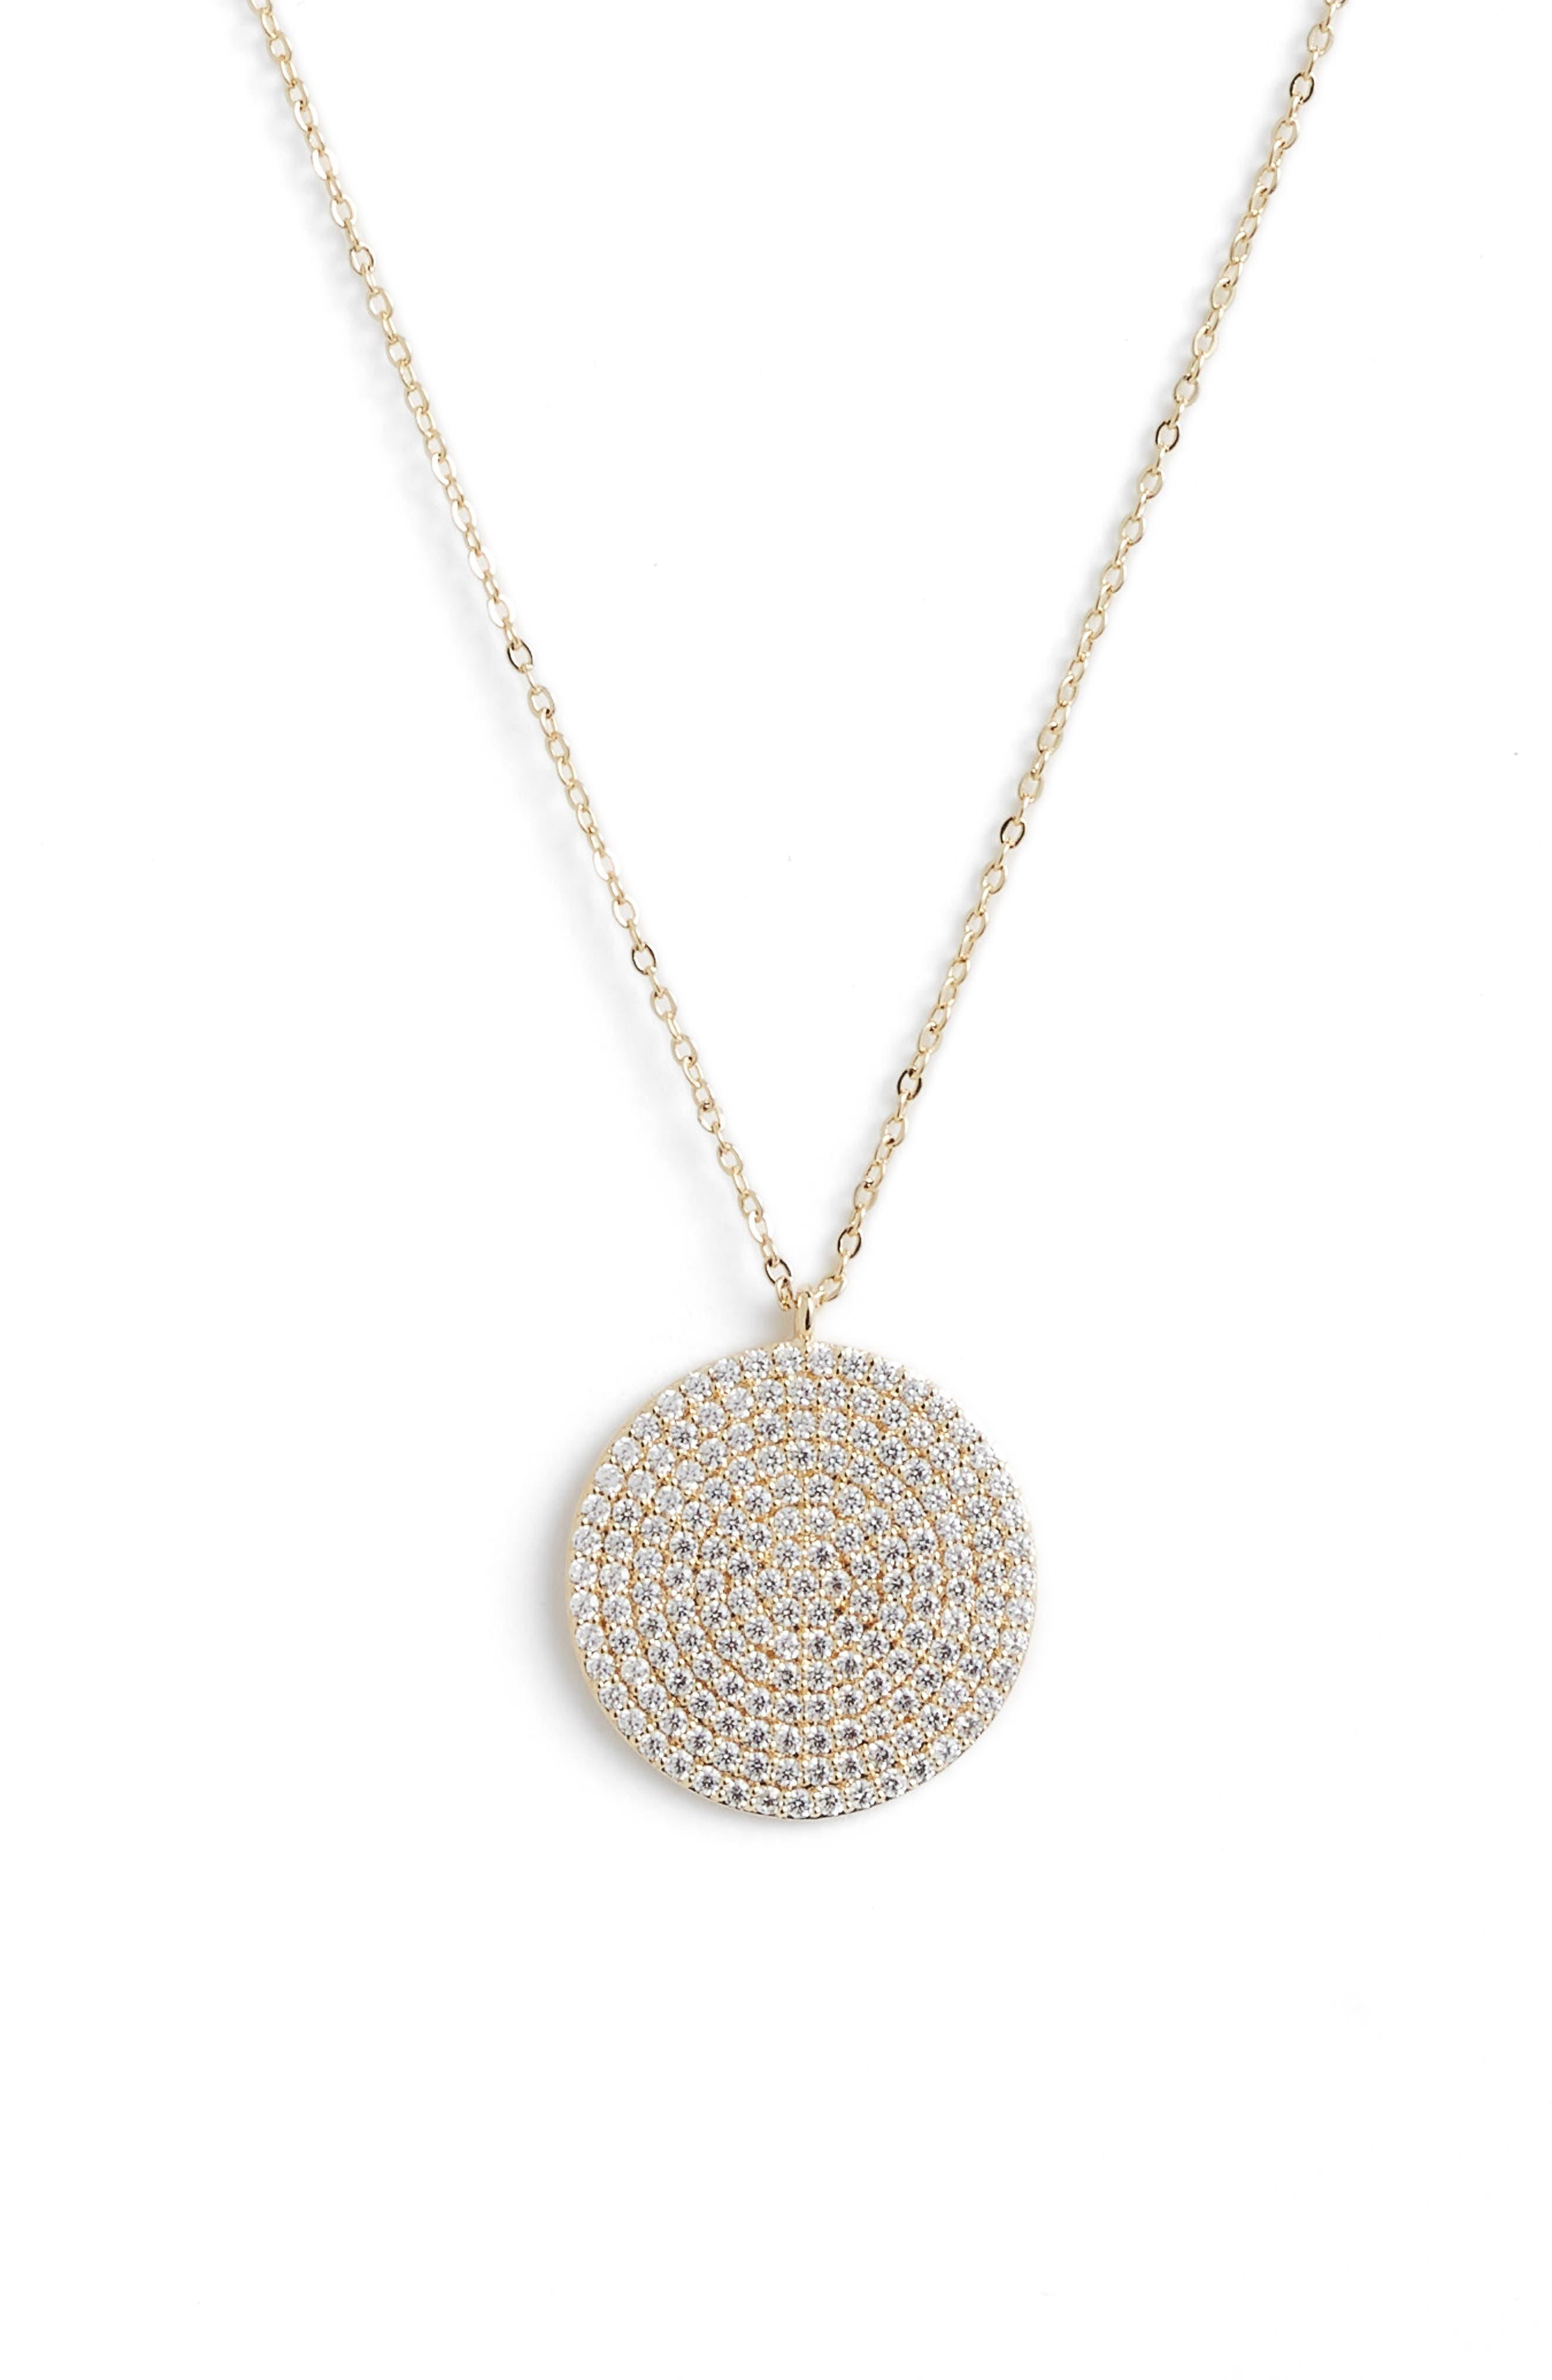 Pavé Spheres Medium Disc Pendant Necklace,                             Main thumbnail 1, color,                             CLEAR/ GOLD